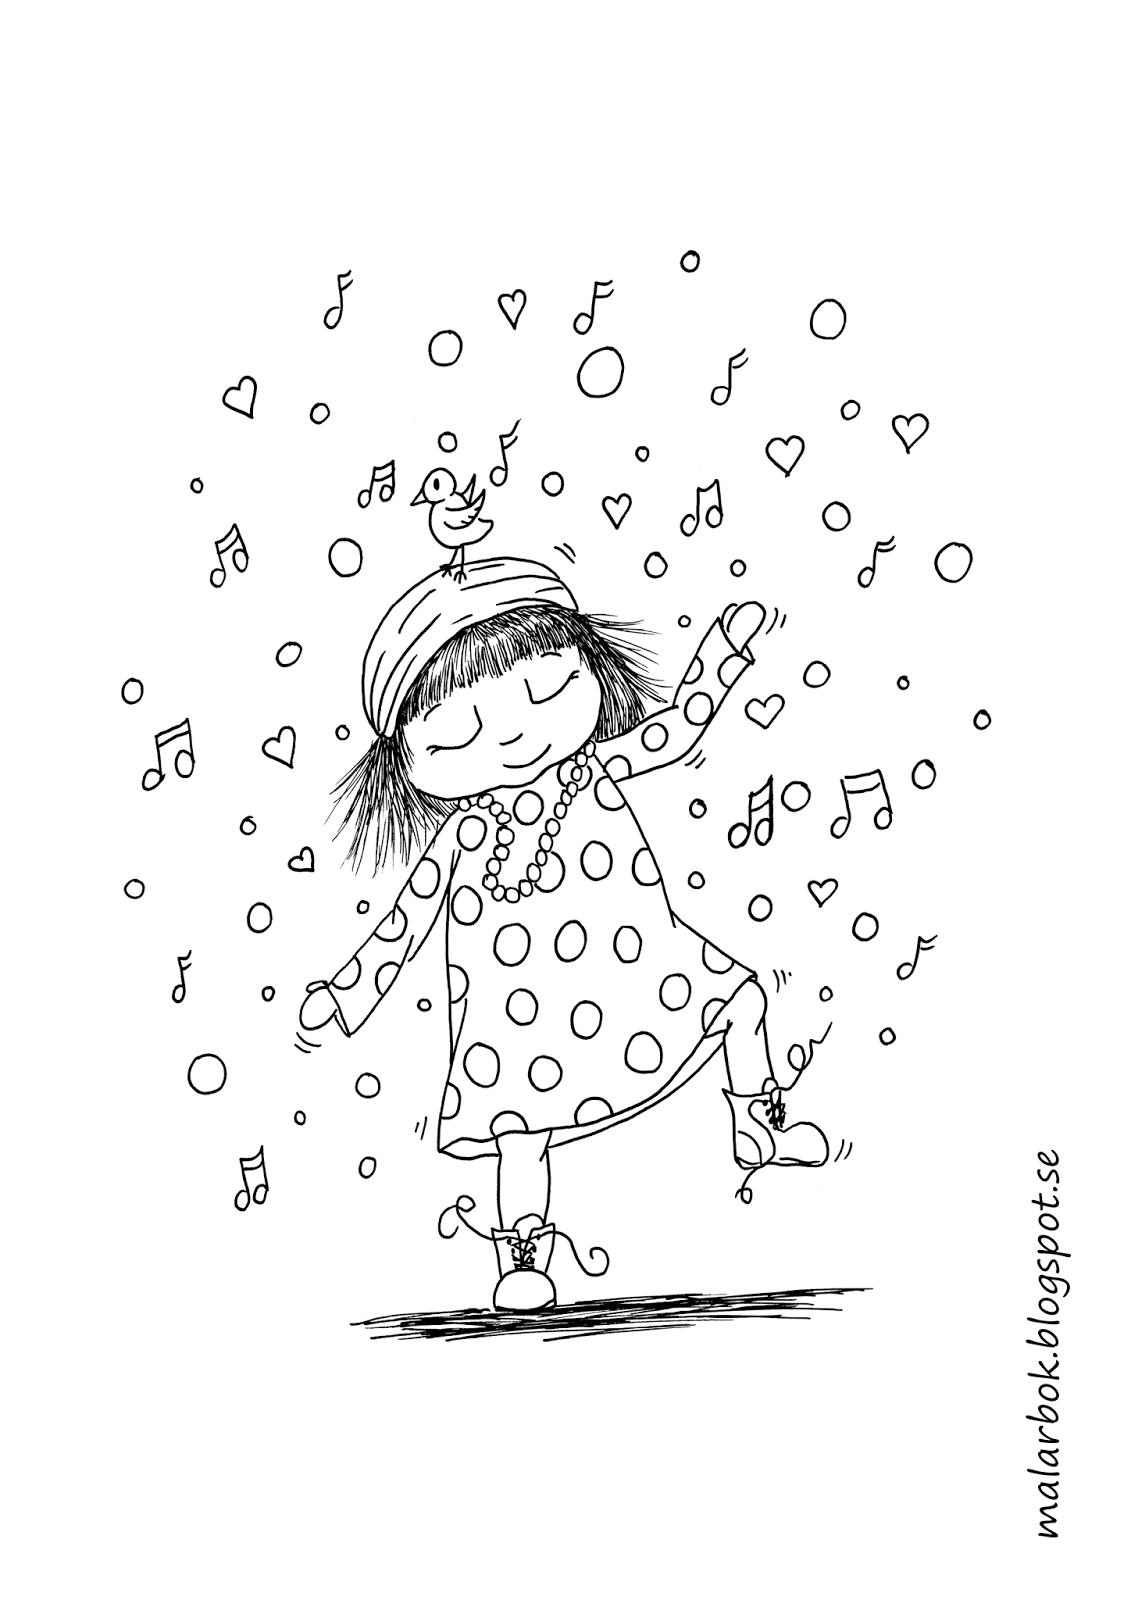 tecknad målarbild hippie flicka som dansar